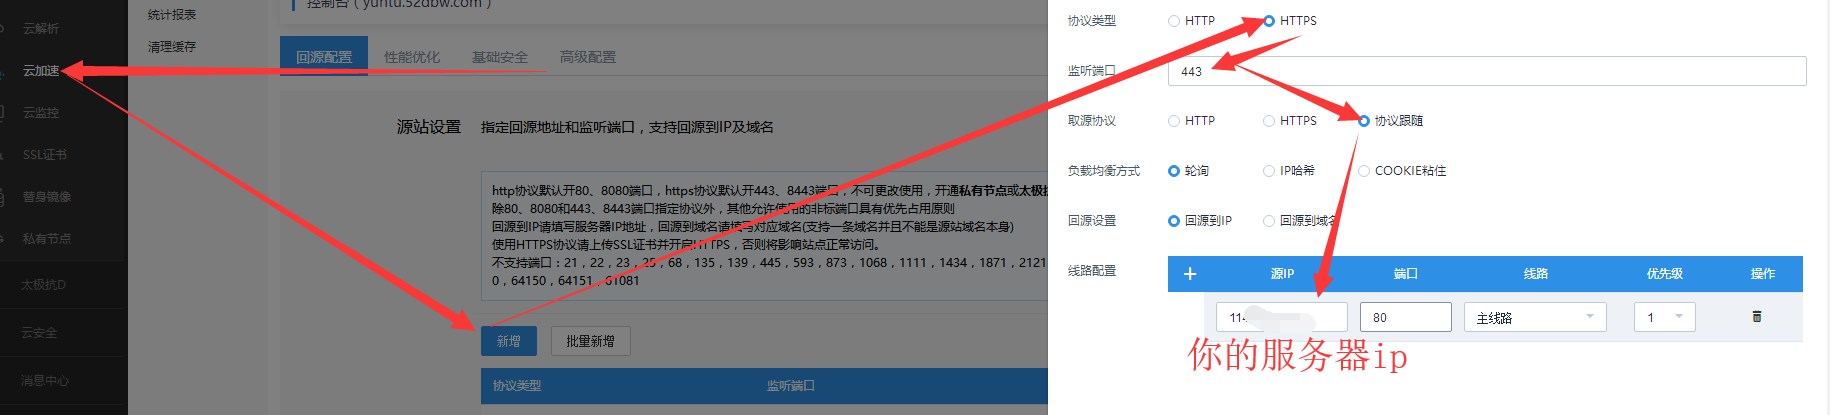 用云盾CDN进行网站加速,部署SSL证书实现全站HTTPS教程!【优站云资源】